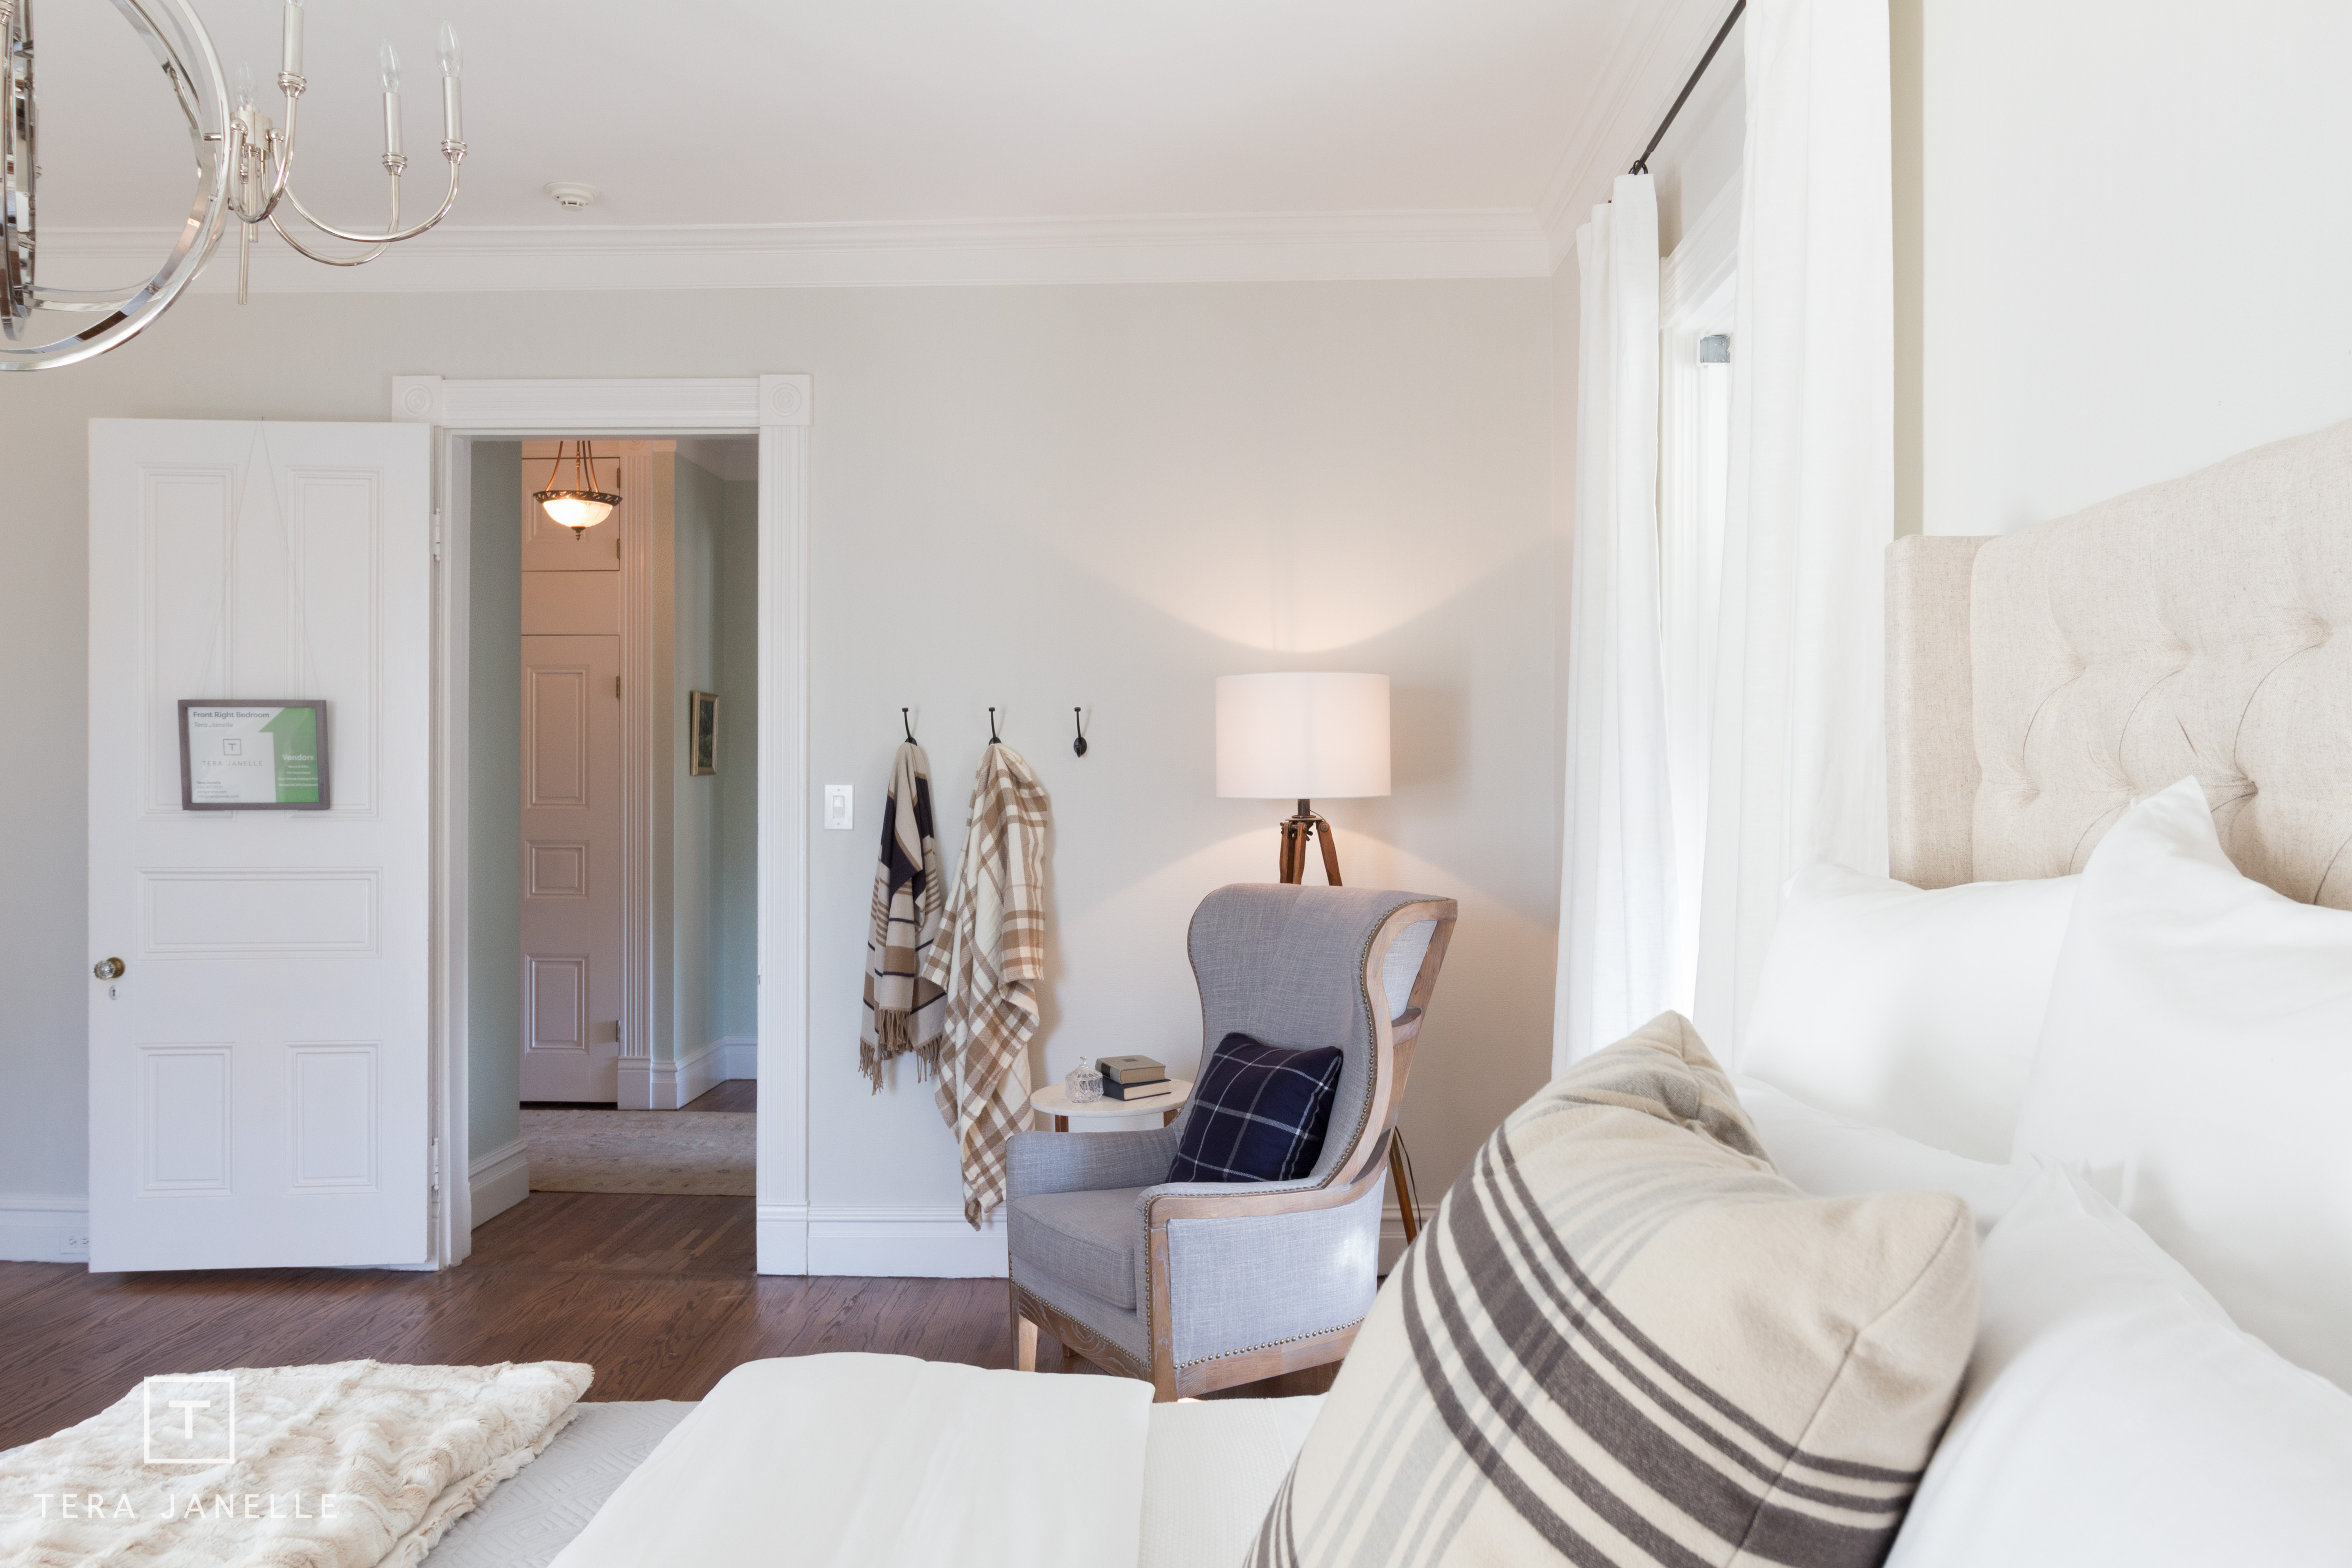 Tera Janelle - Right Bedroom-21.jpg